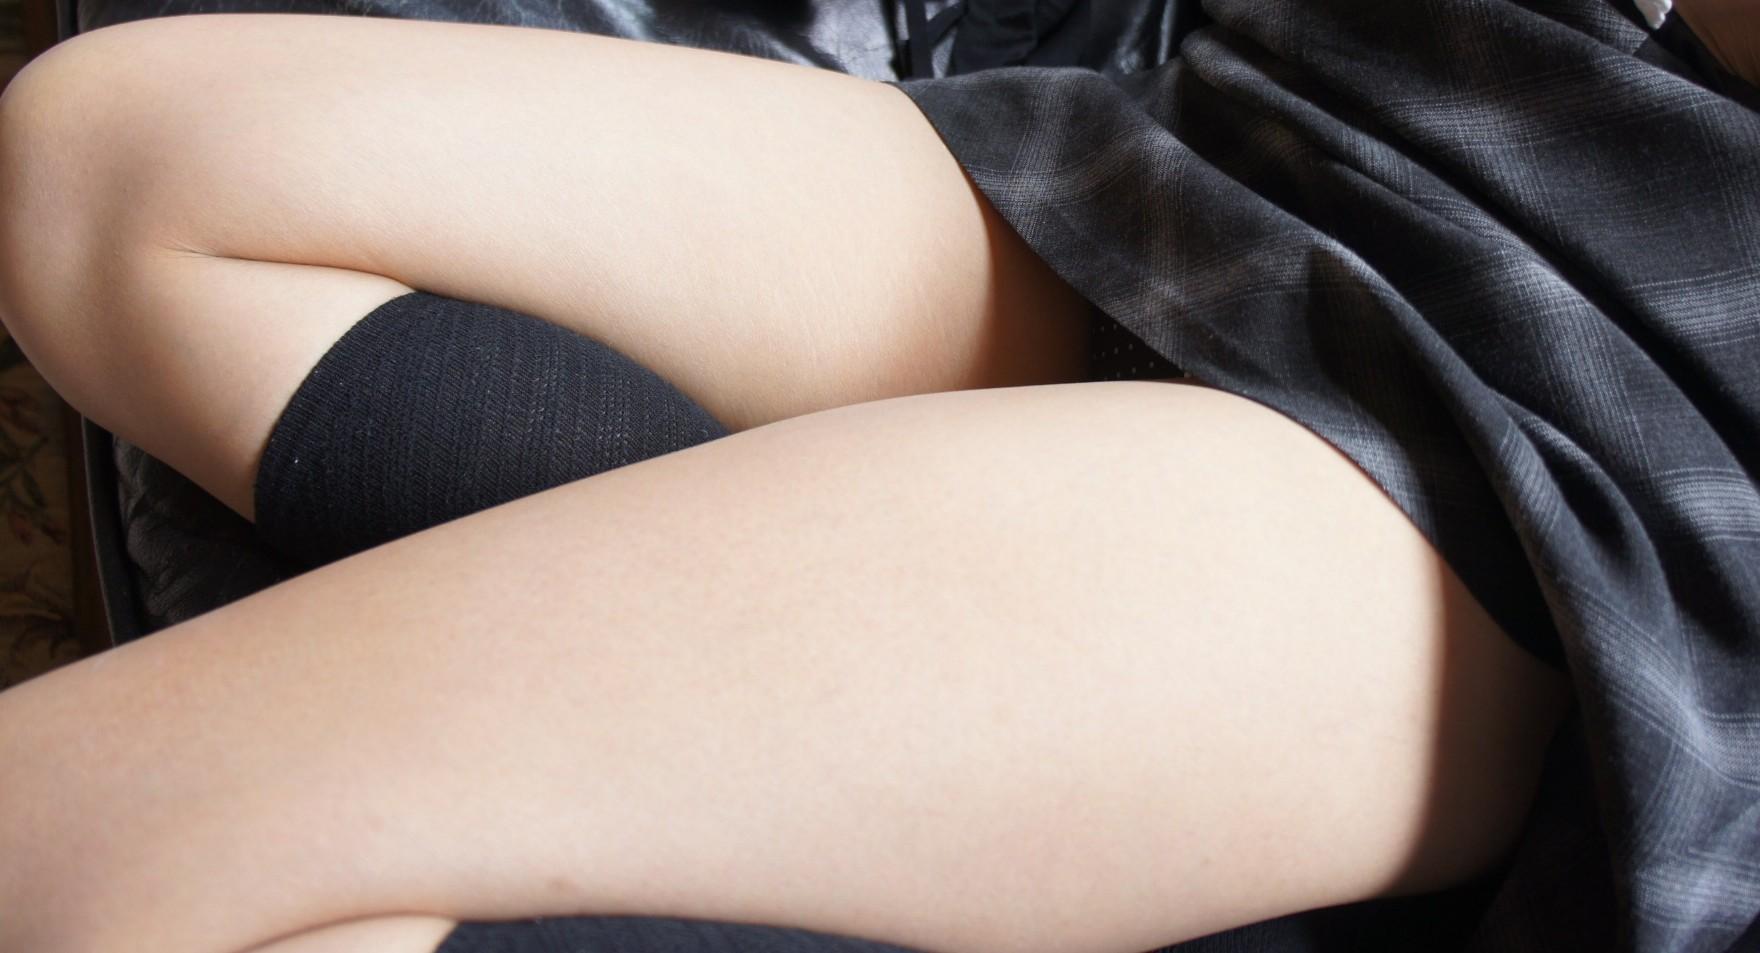 【太ももエロ画像】膝枕で安眠できそうなムチムチ加減がイイ!名前負けしてない太ももwww 04